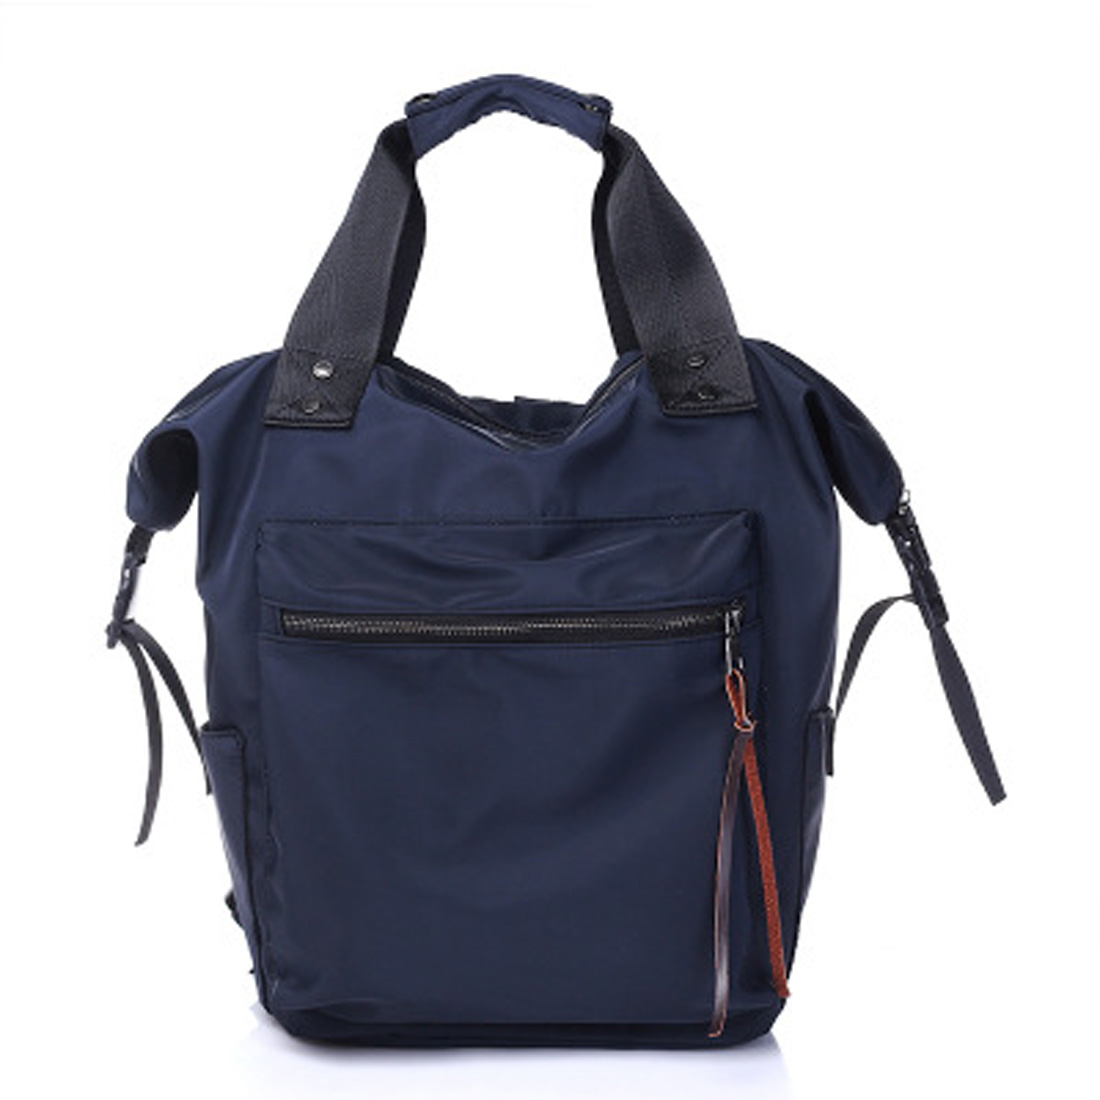 433a3af50cae Брендовые Водонепроницаемые рюкзаки для девочек-подростков, Большой  Вместительный рюкзак, дорожная сумка для женщин